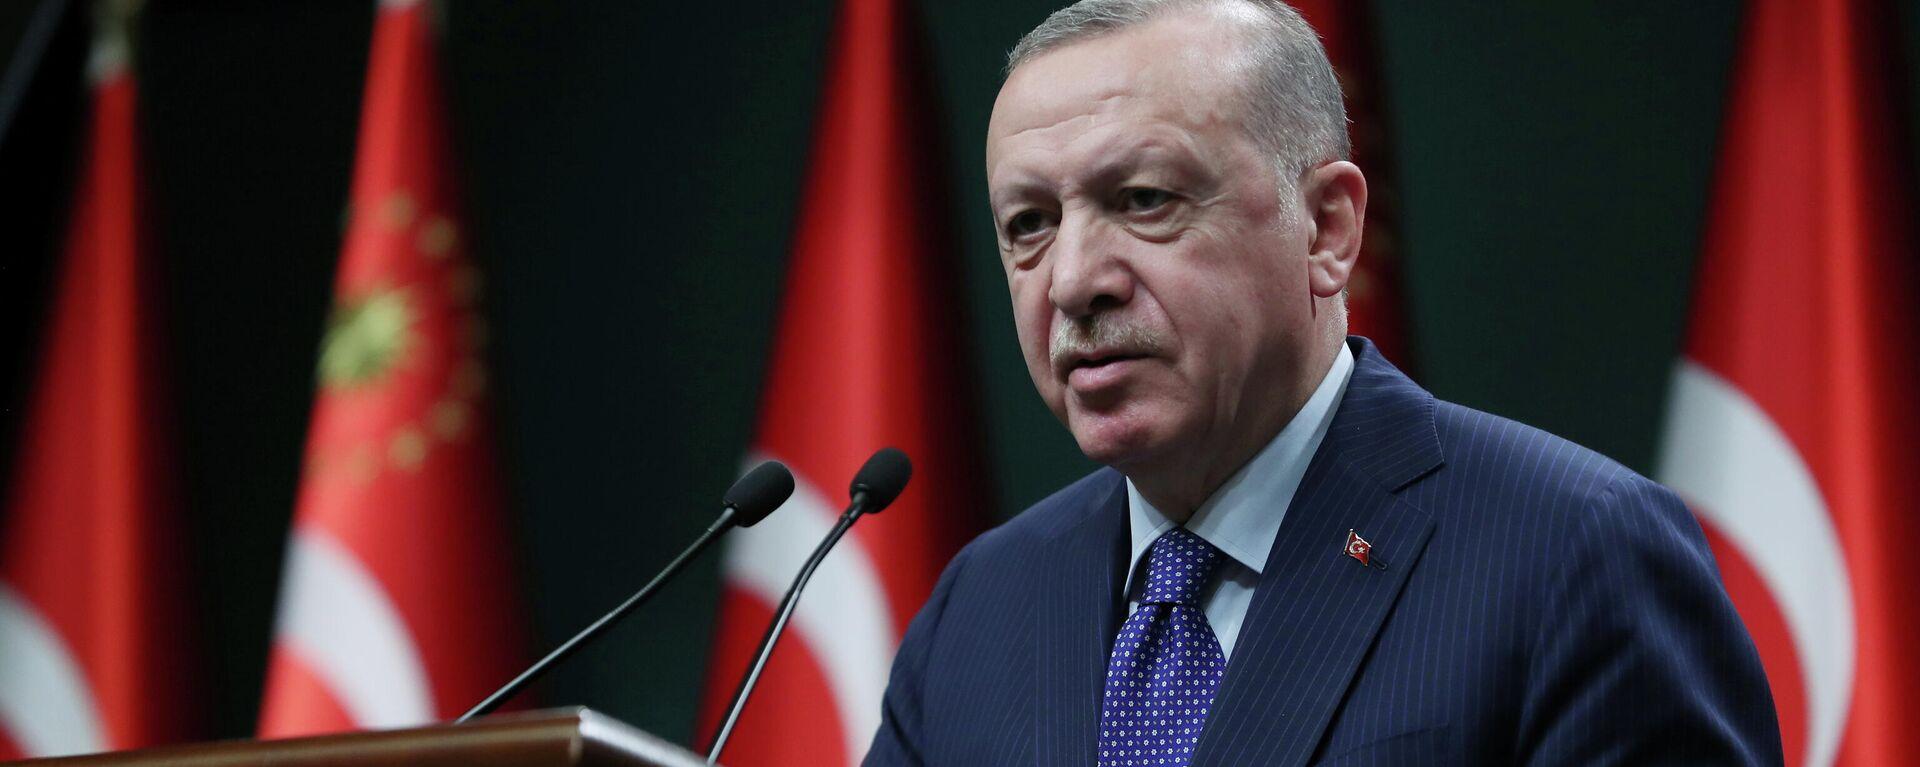 Recep Tayyip Erdogan, el presidente de Turquía  - Sputnik Mundo, 1920, 13.04.2021